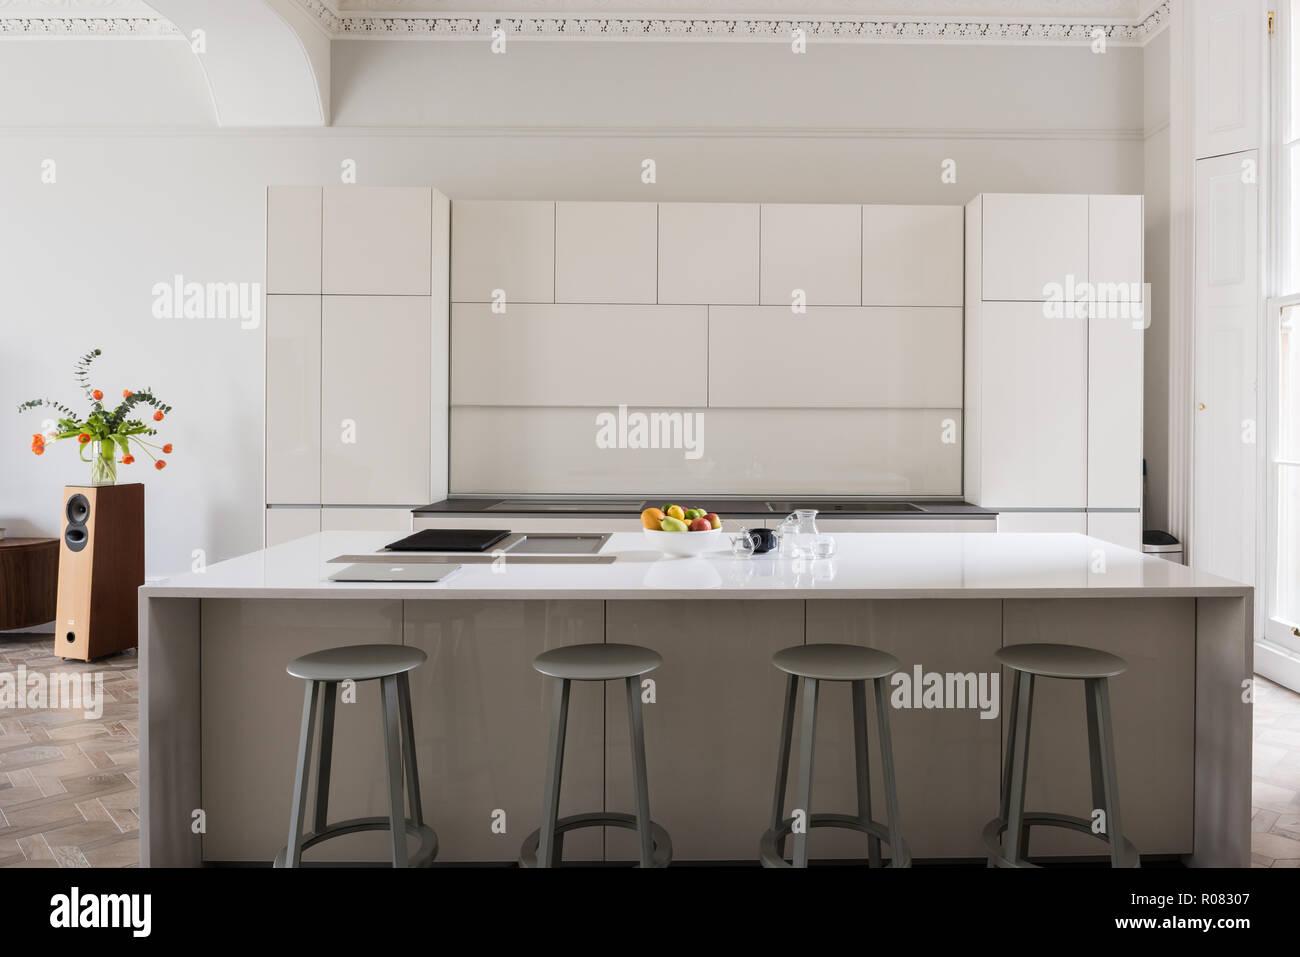 Weiße Küche mit Hocker Stockfoto, Bild: 223912759 - Alamy